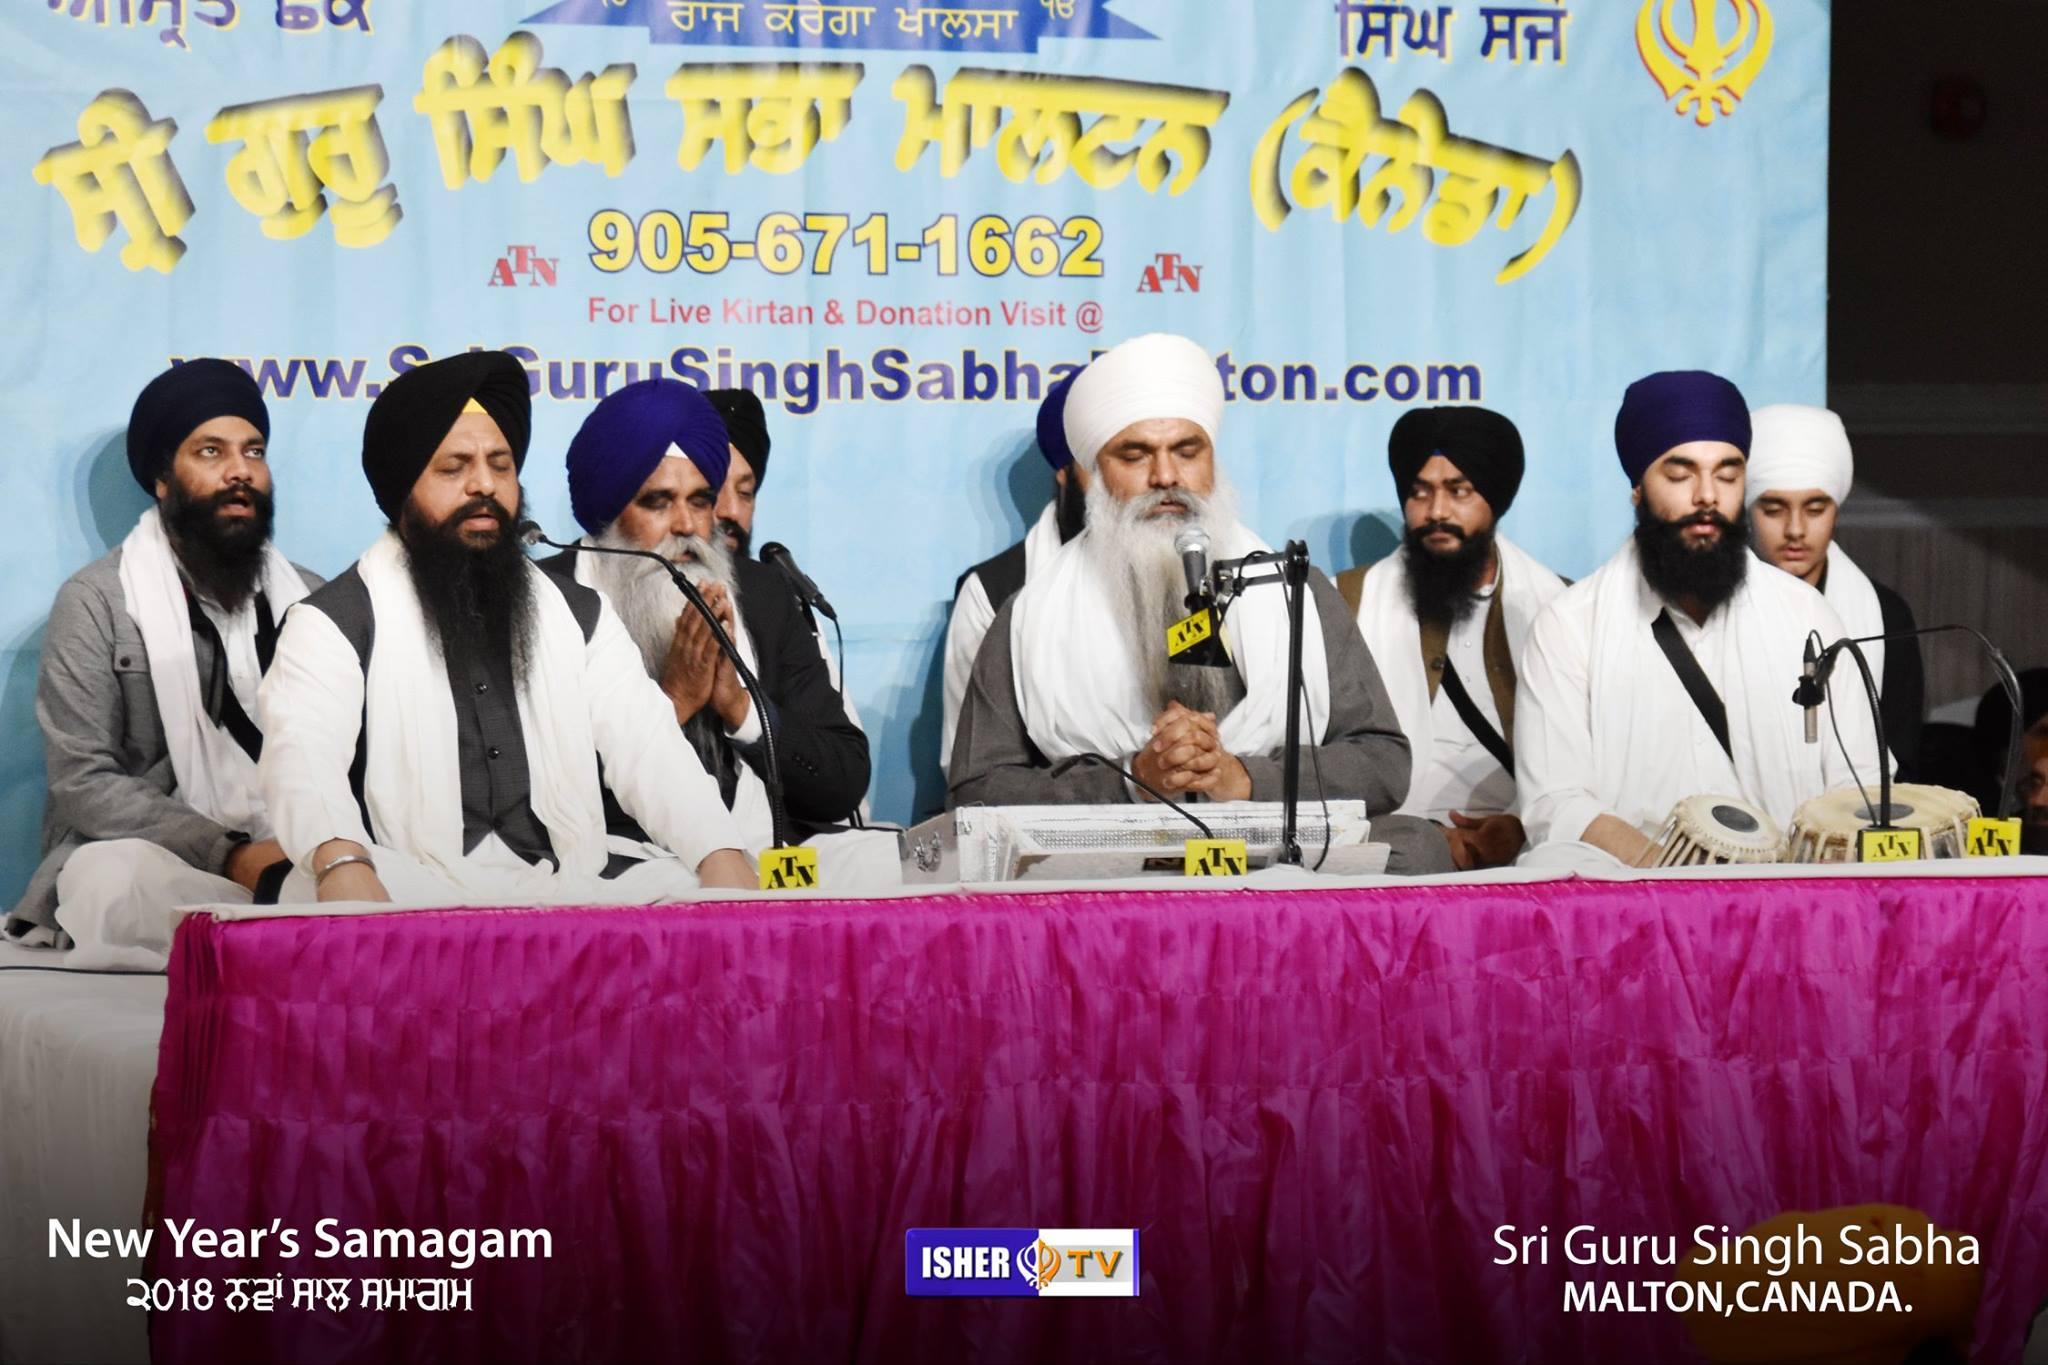 Sri Guru Singh Sabha Malton - GWR